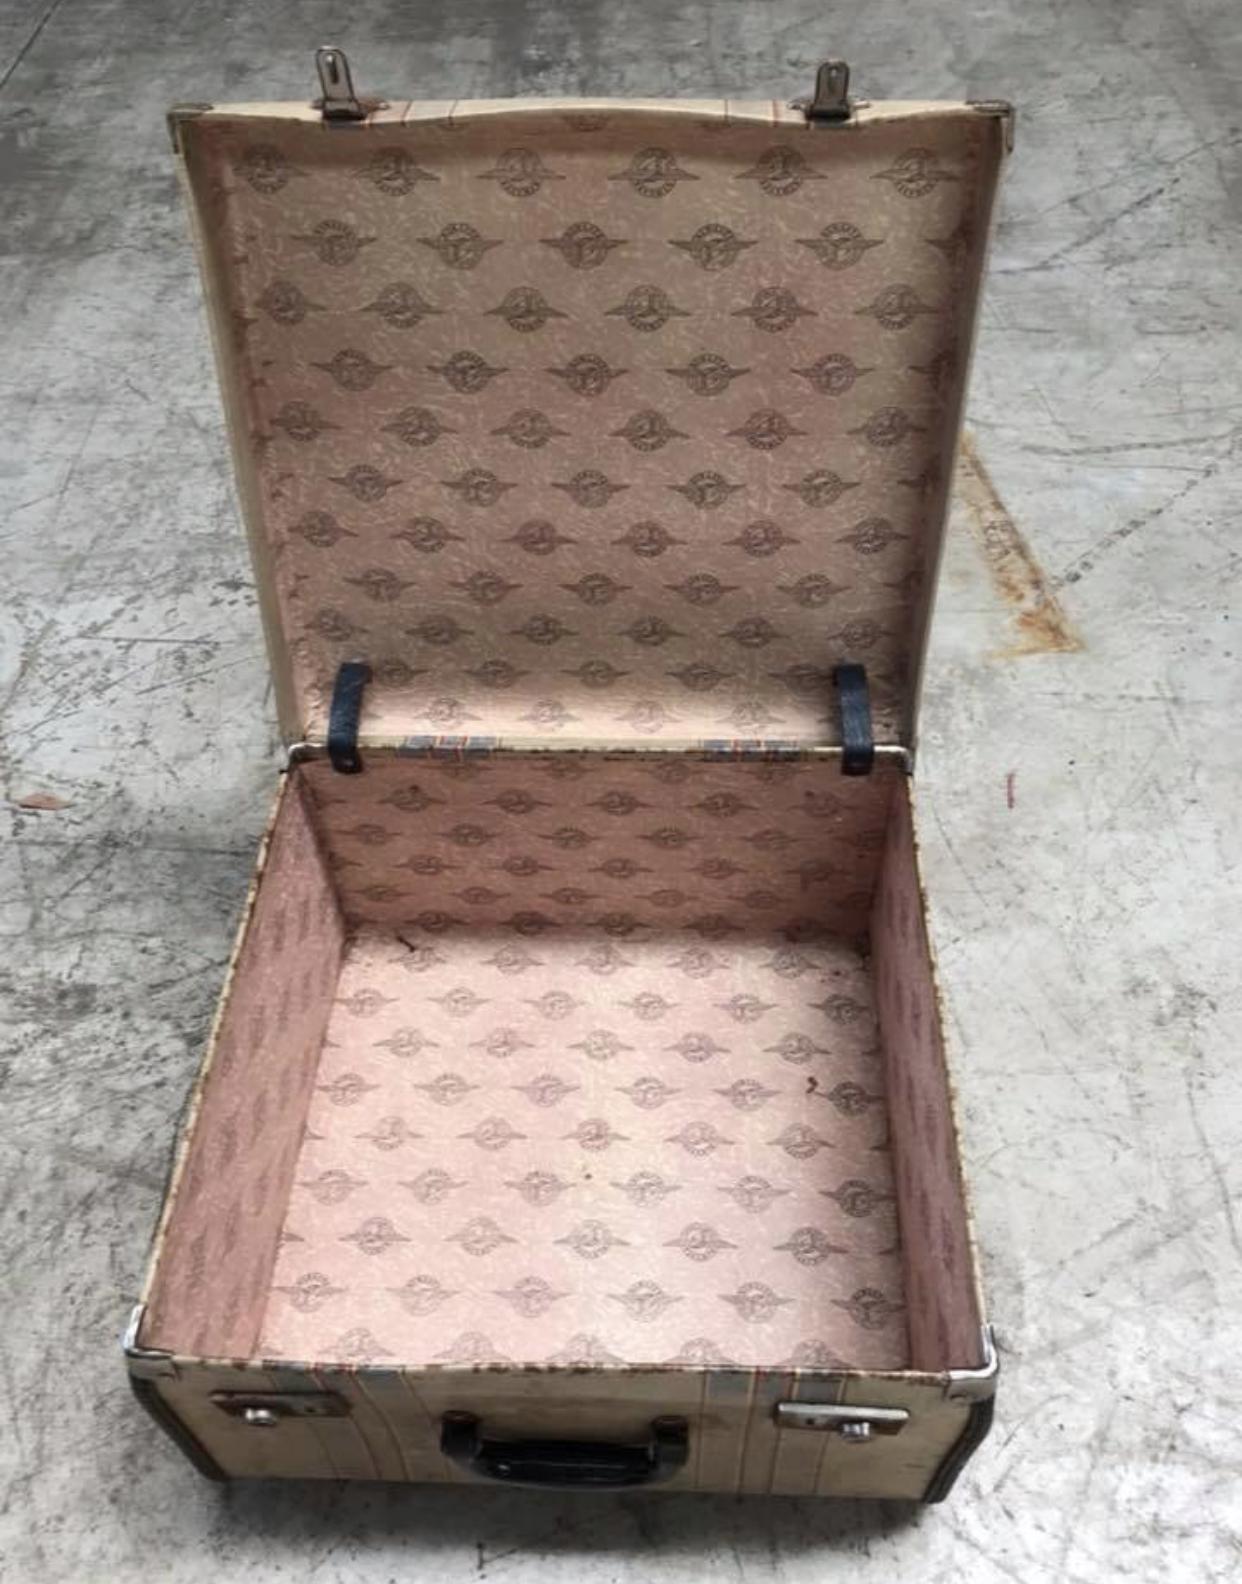 amiras-suitcase-nicky-johnston